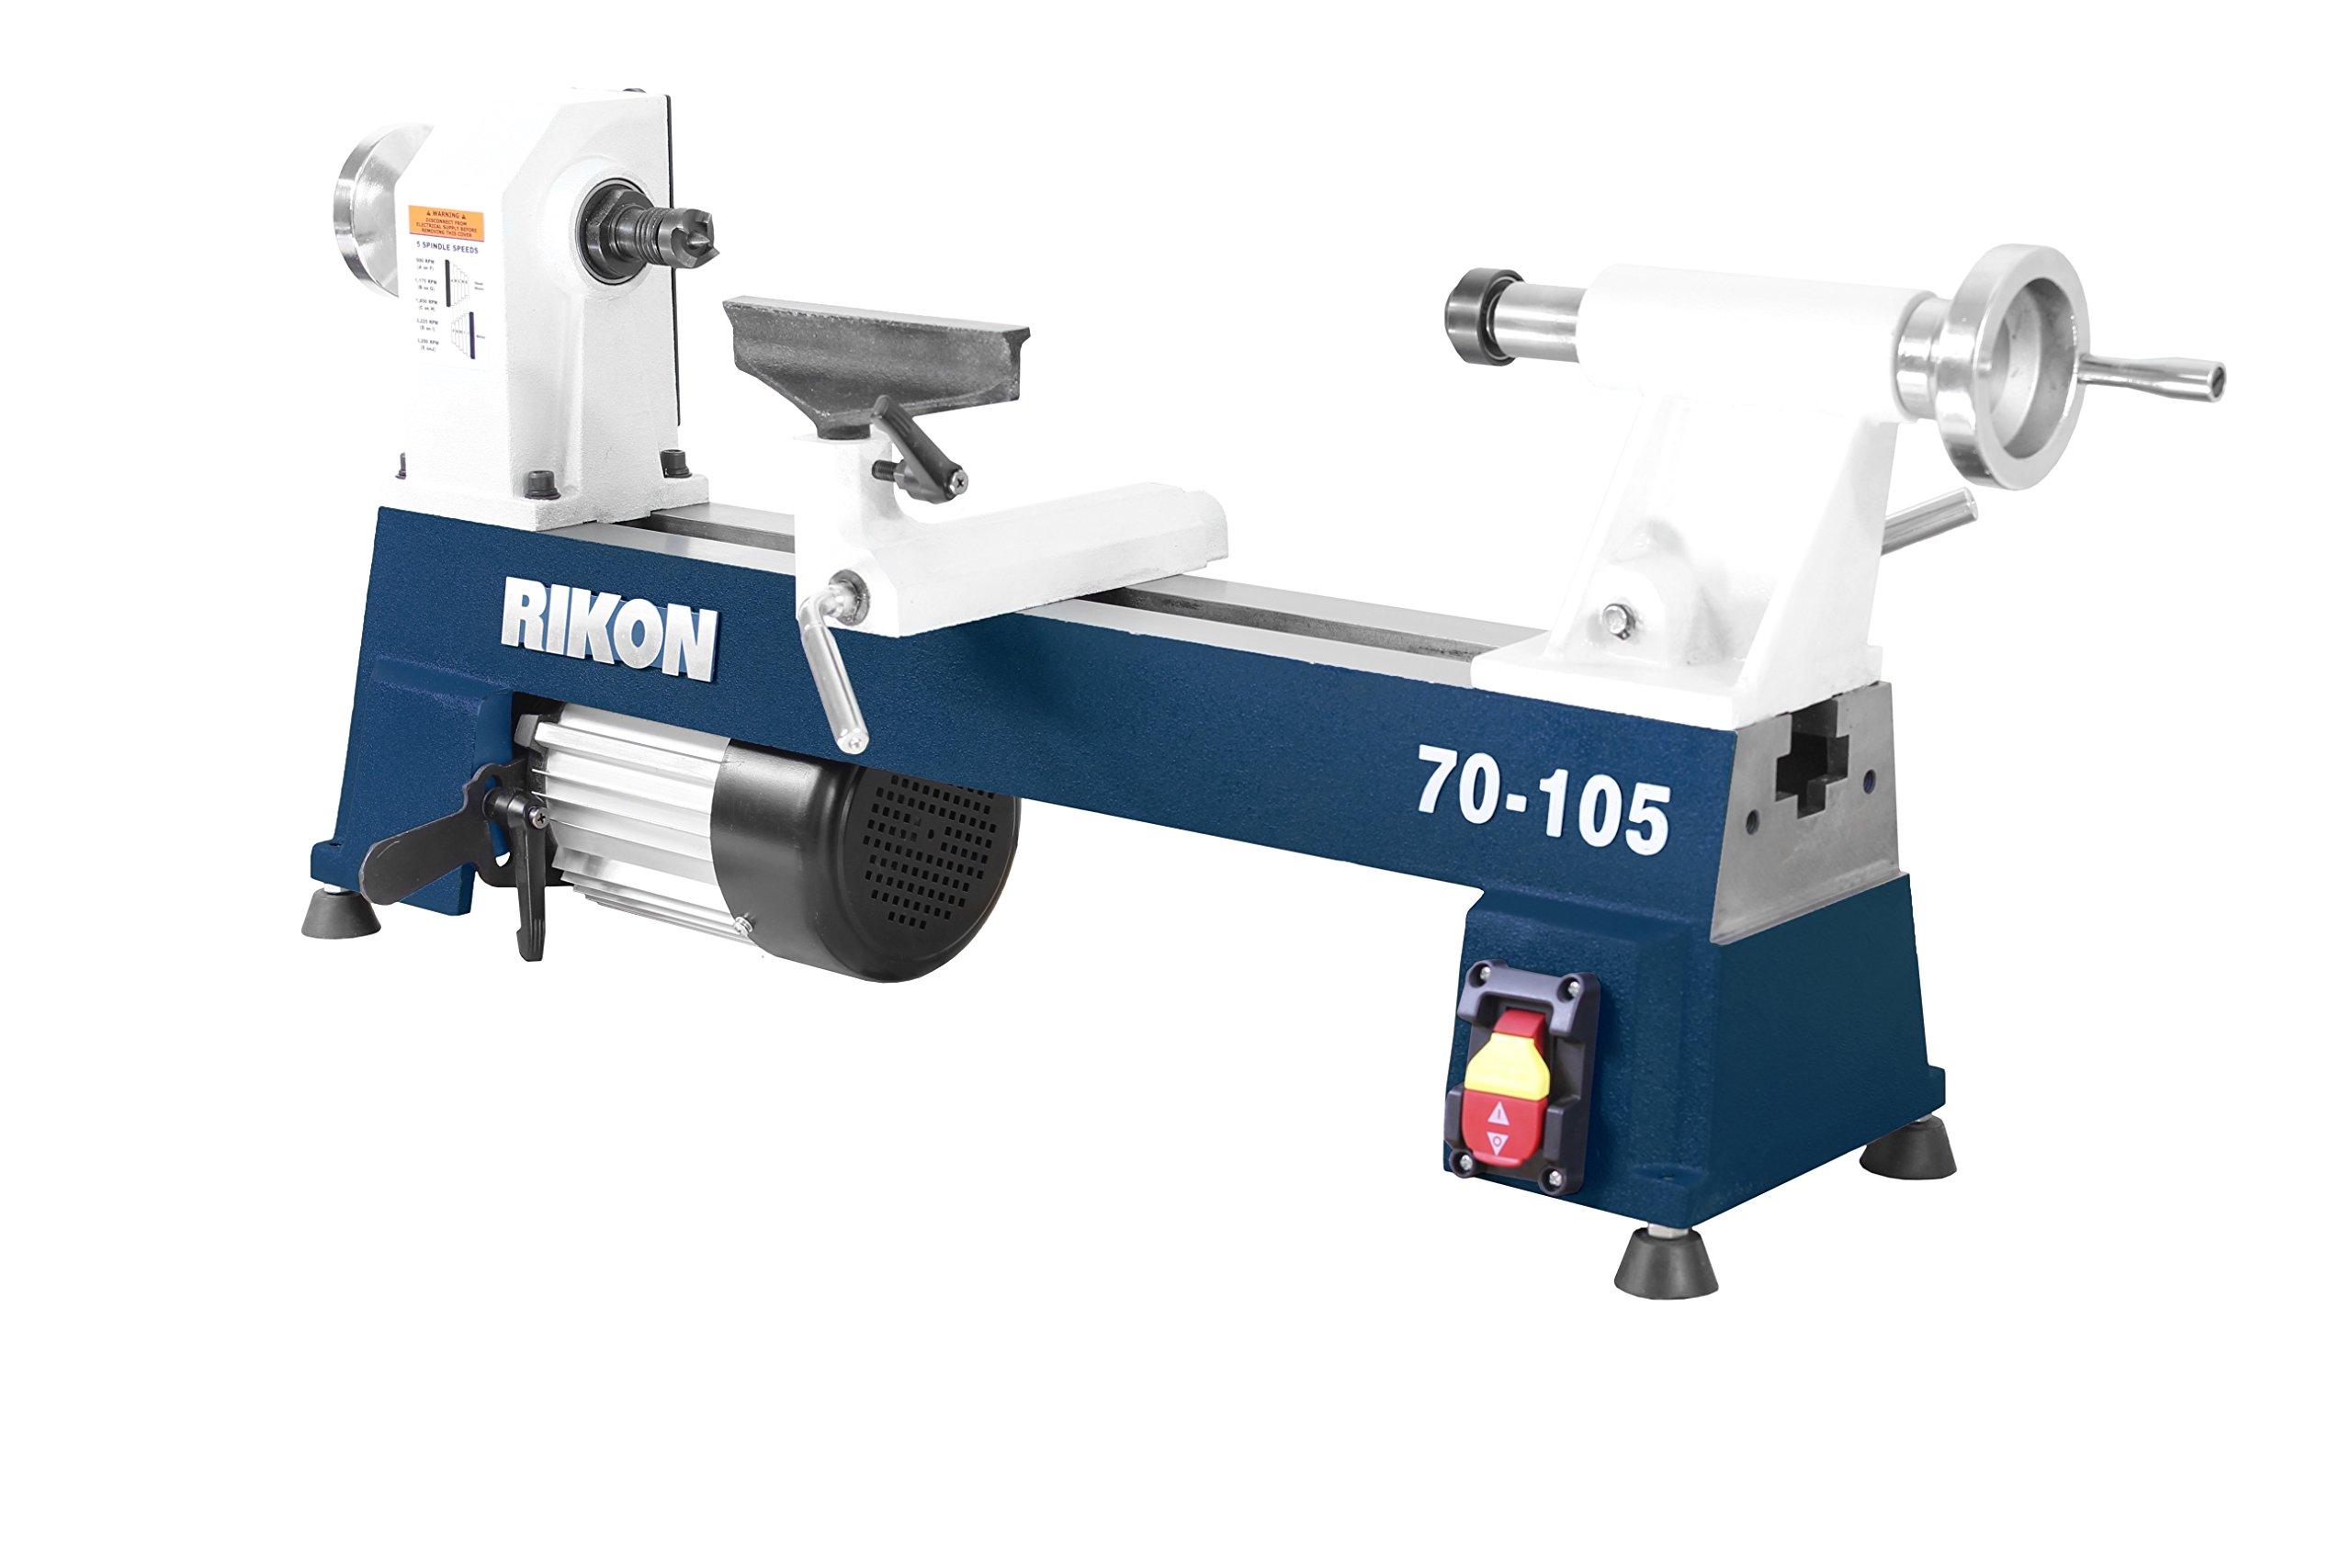 RIKON Power Tools 70-105 10'' x 18'' 1/2 hp Mini Lathe